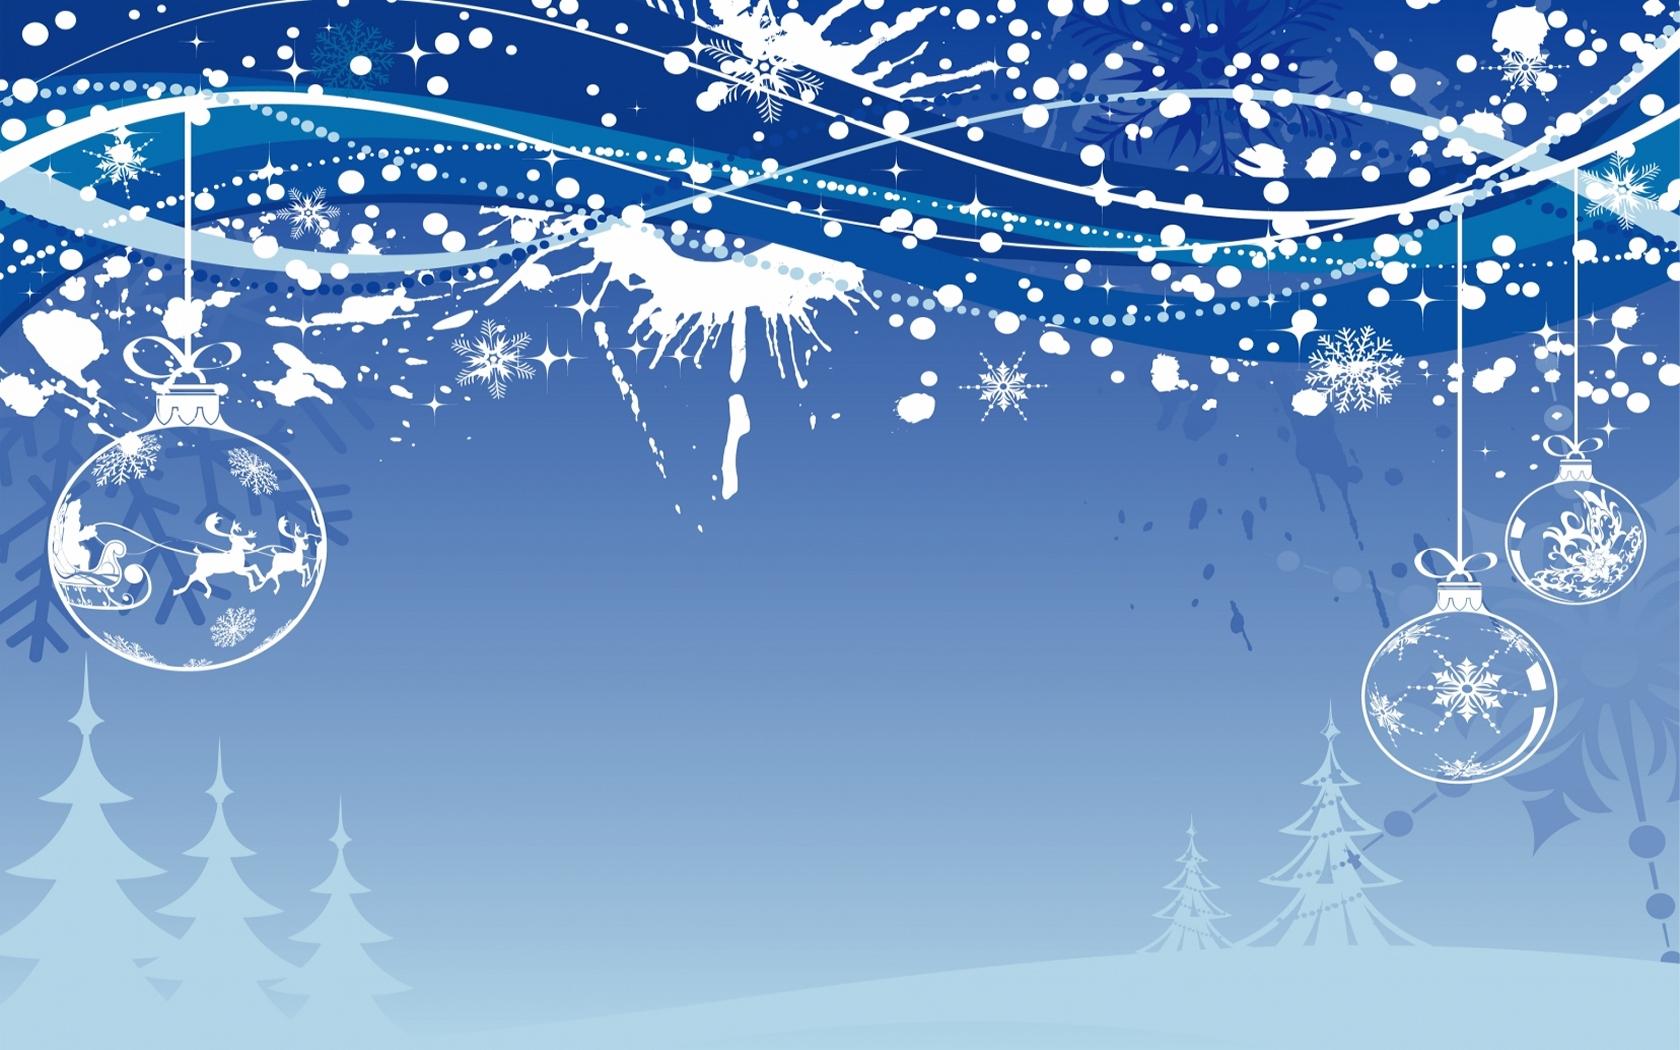 468 Winter Wonderland free clipart.